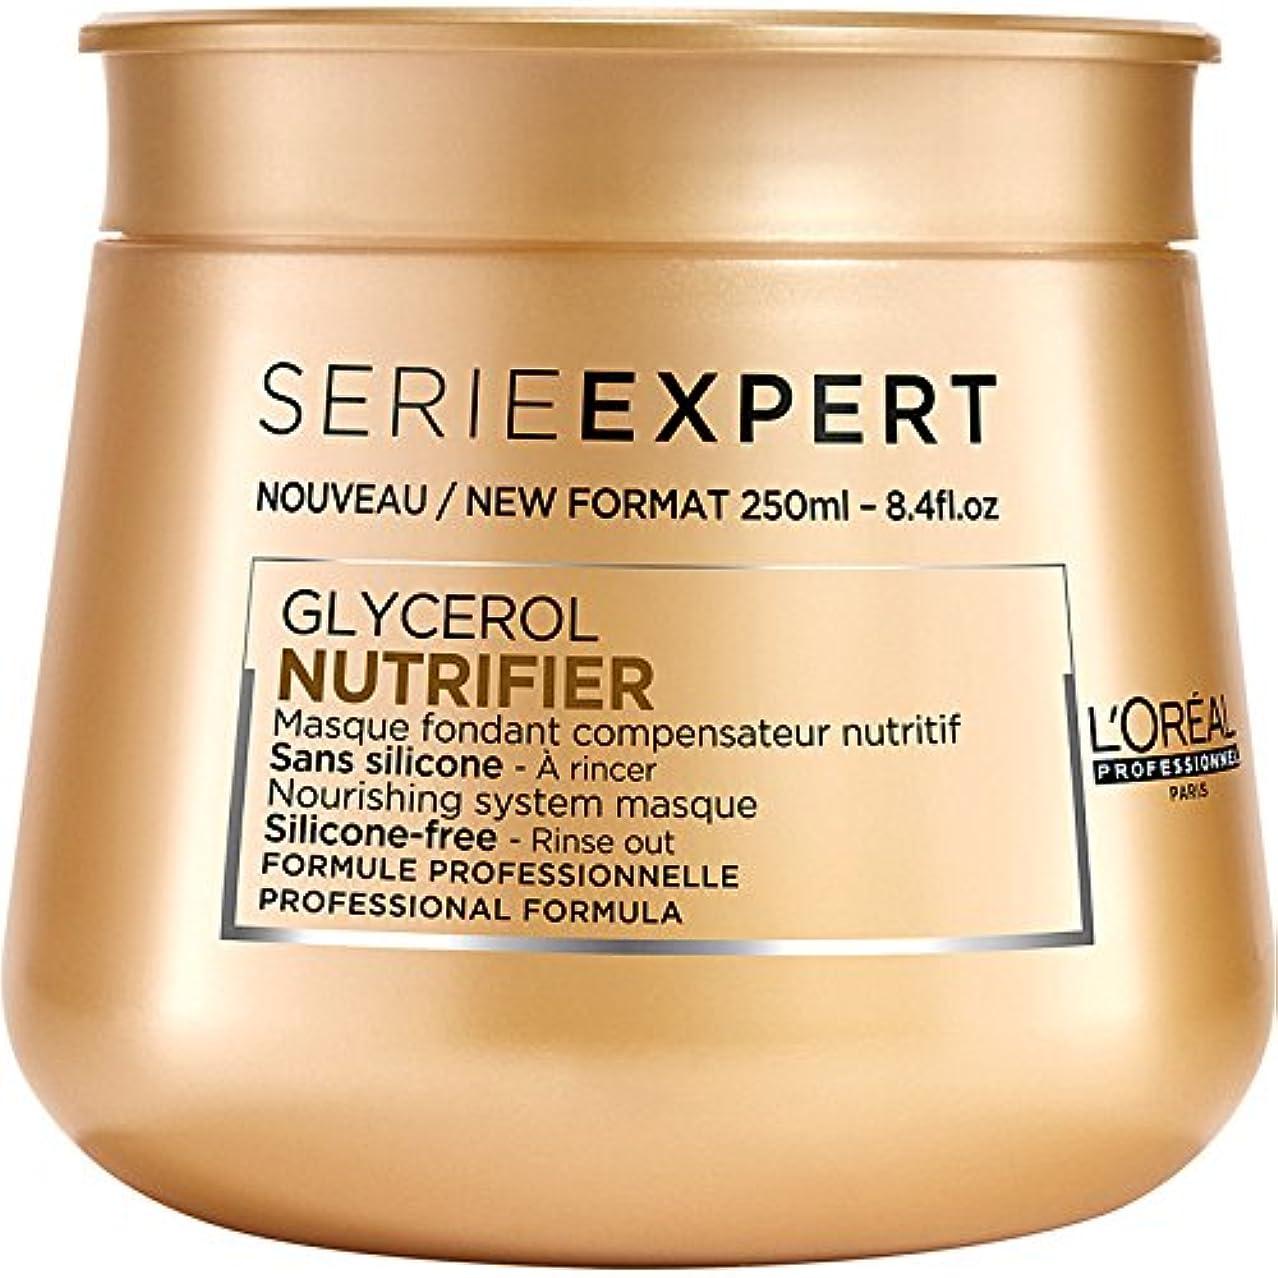 アウトドア配当パン屋L'Oreal Serie Expert Glycerol NUTRIFIER Nourishing System Masque 250 ml [並行輸入品]